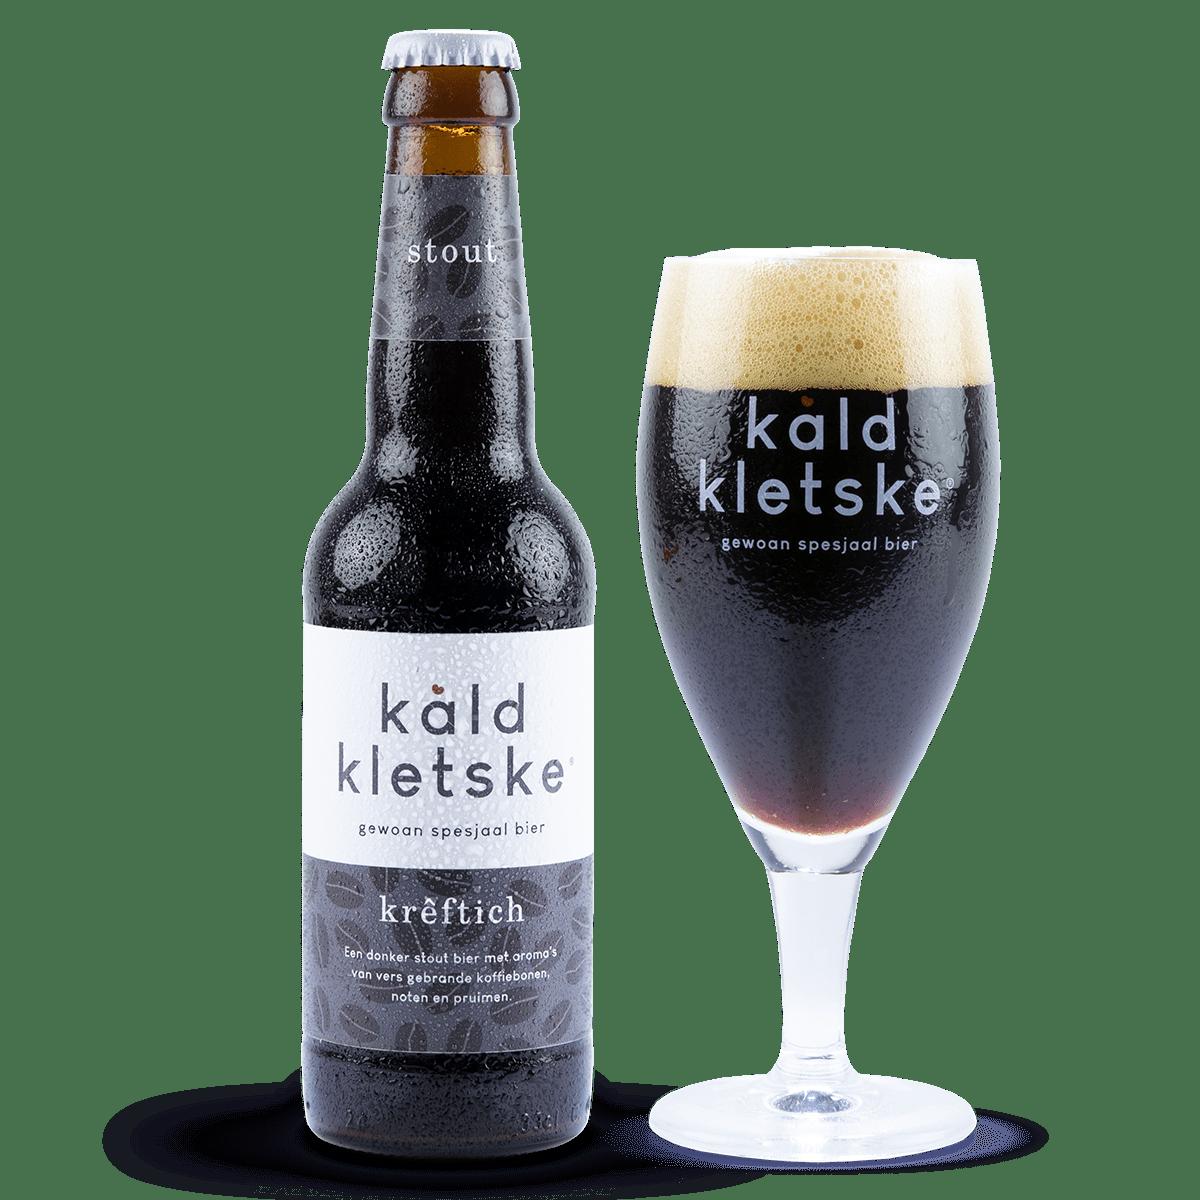 https://www.kaldkletske.nl/wp-content/uploads/2020/10/Kald-Kletske-Kreftich.png